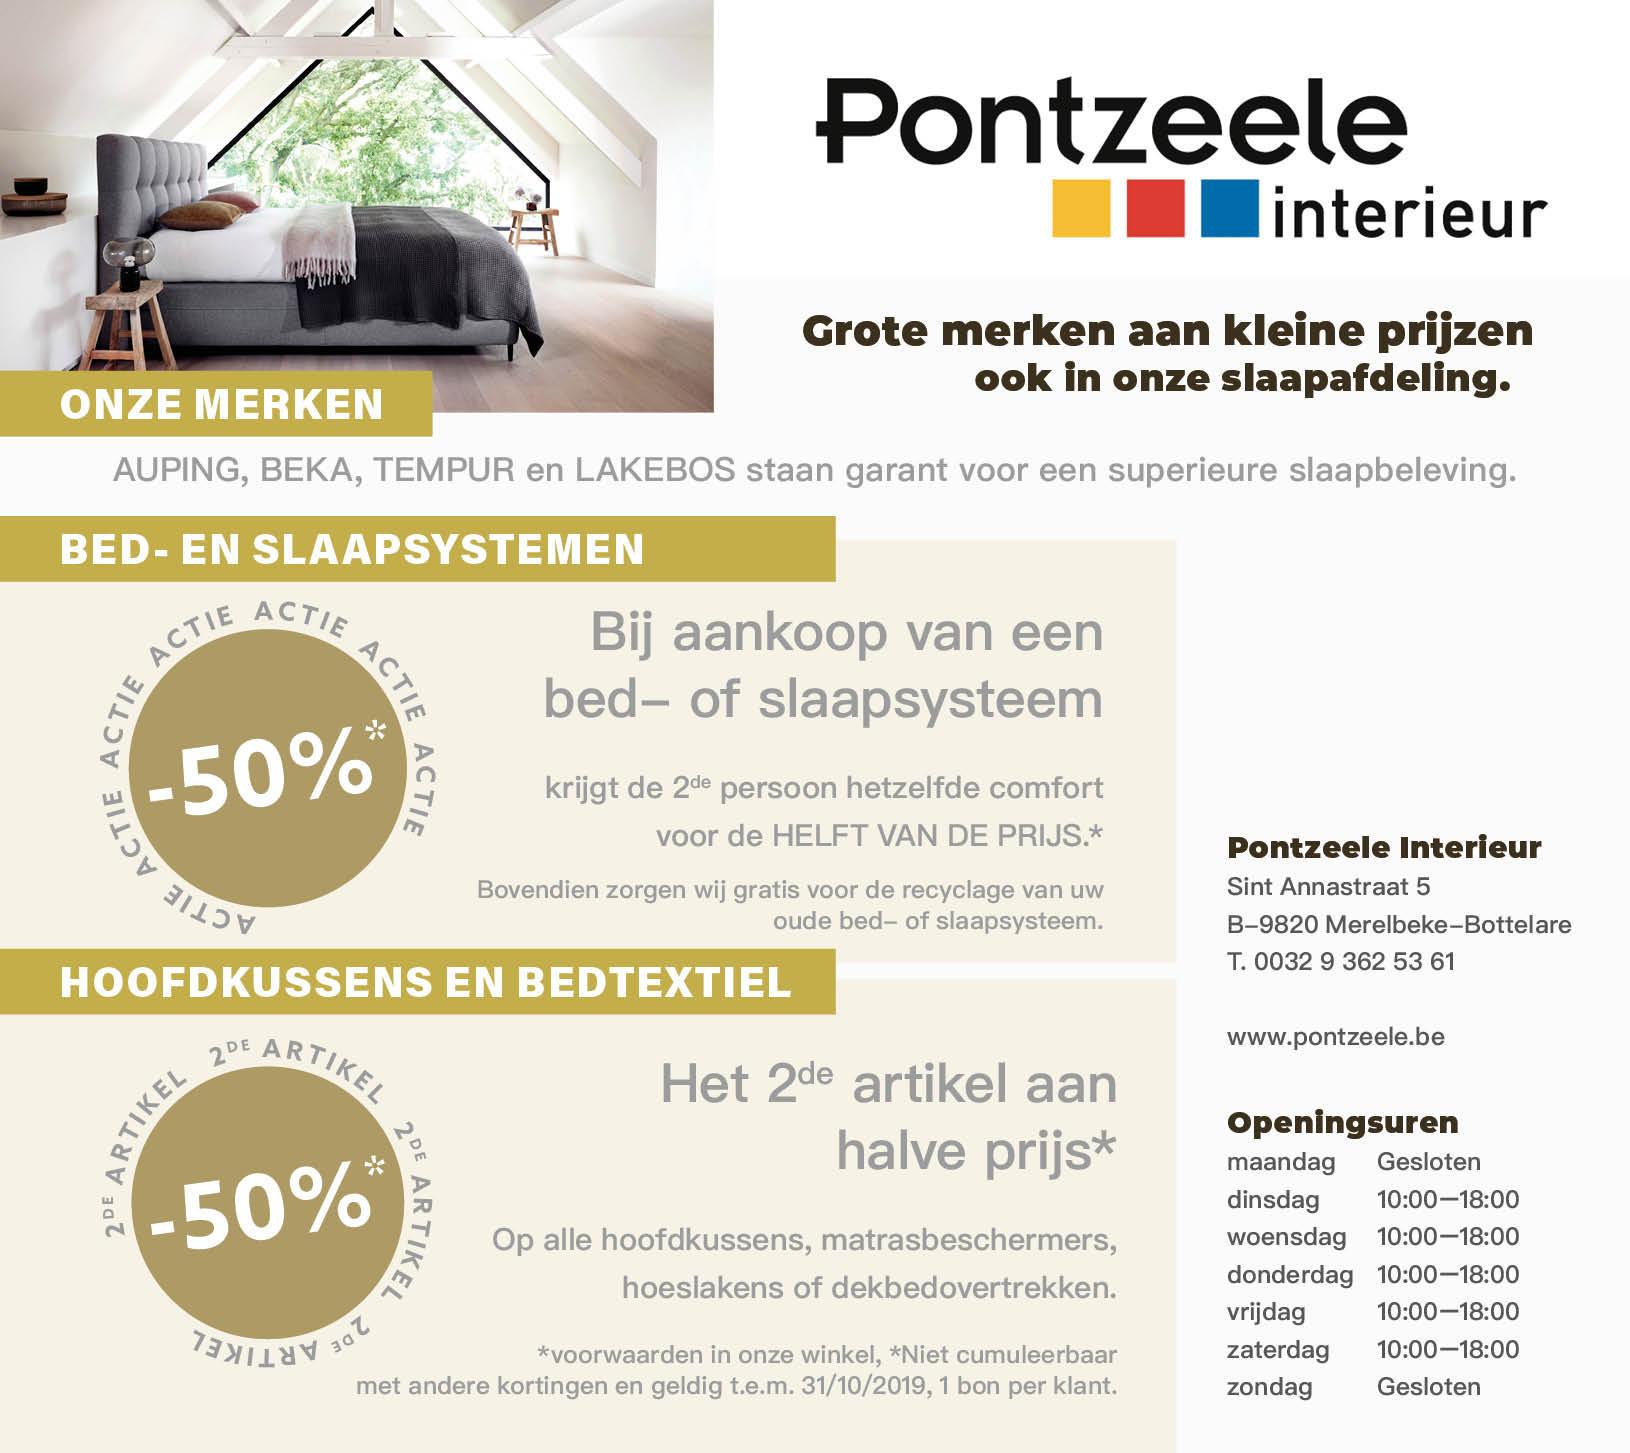 pontzeele_interieur_merelbeke_sept_2019.jpg